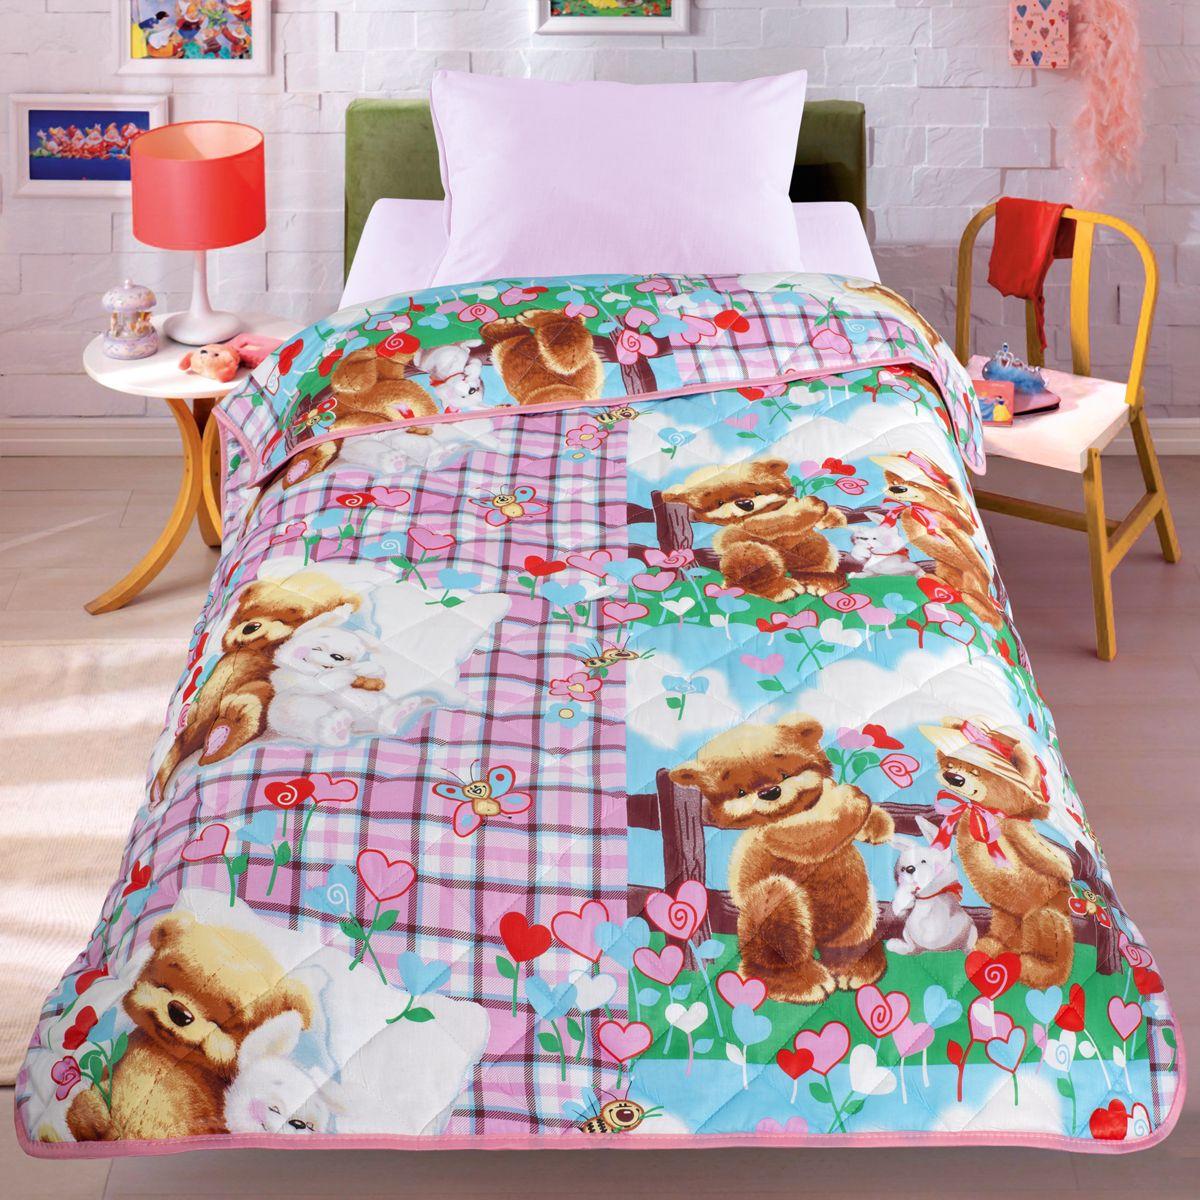 Покрывало-одеяло Letto Мишки и зайка, облегченное, цвет: розовый, 140 x 200 смbear-rabbit140Легкое оригинальное покрывало в чехле будет радовать вас и вашего малыша в течение всего года. Сидеть на таком покрывале будет приятно и комфортно - ведь оно выполнено из 100% хлопка. К тому же покрывало можно использовать и как одеяло на детскую кровать. Дизайн двусторонний. Наполнитель - силиконизированное волокно. Вашему ребенку не будет жарко под таким одеялом, а это значит он не будет раскрываться. Оно подлежит машинной стирке при температуре 30 гр., строго на деликатном режиме.